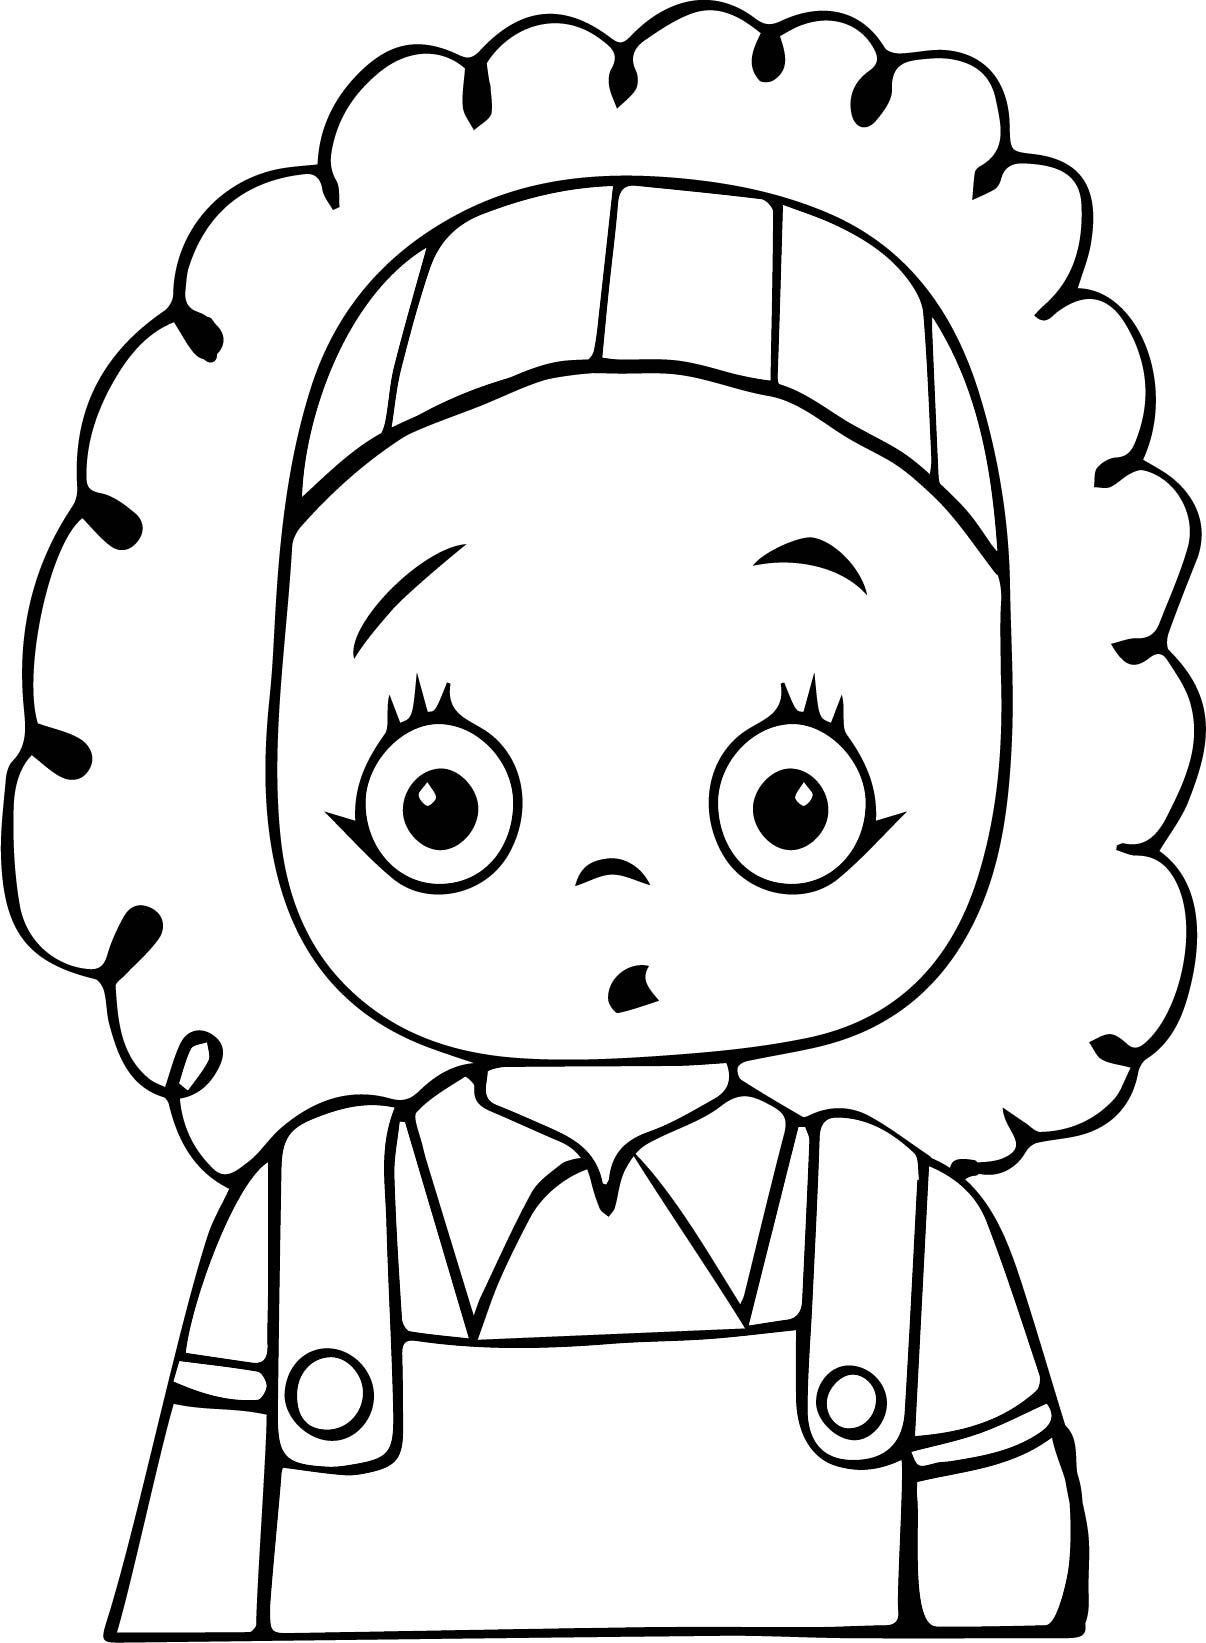 Saskin Kiz Cocuk Boyama Sayfasi Pinlerim Kids Scrapbook